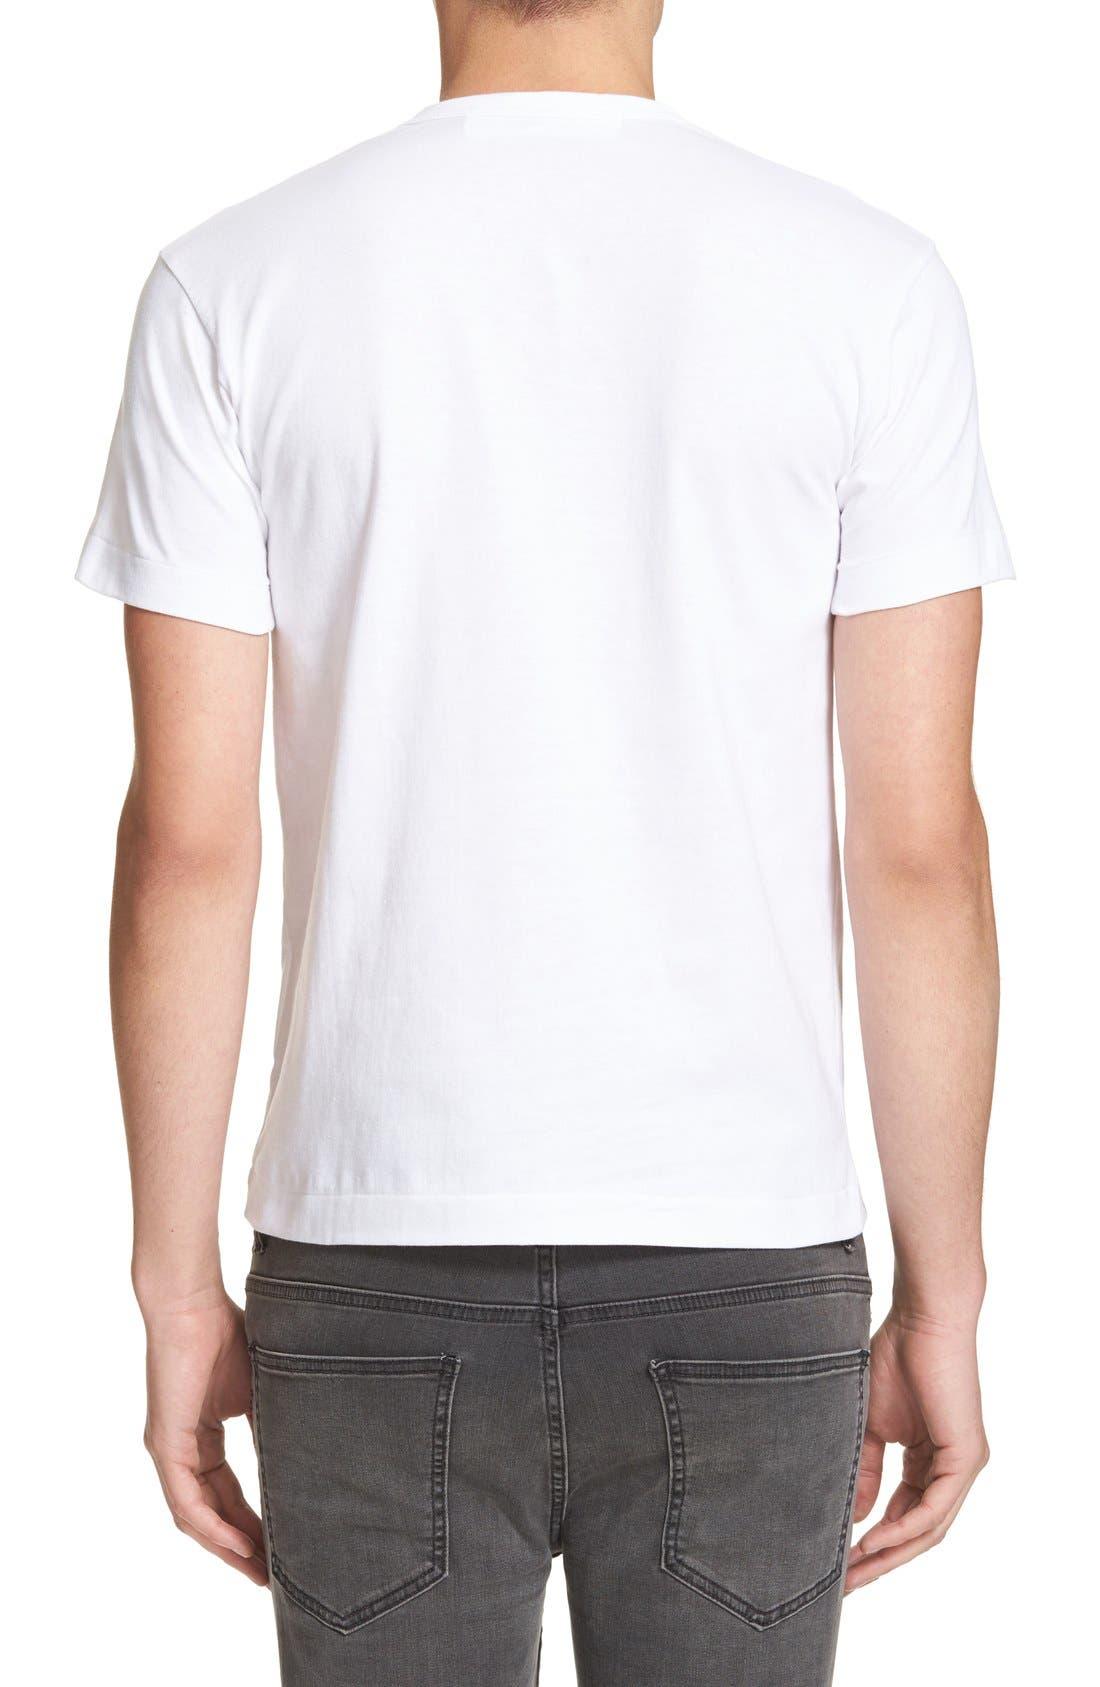 Comme des Garçons PLAY Graphic T-Shirt,                             Alternate thumbnail 2, color,                             White